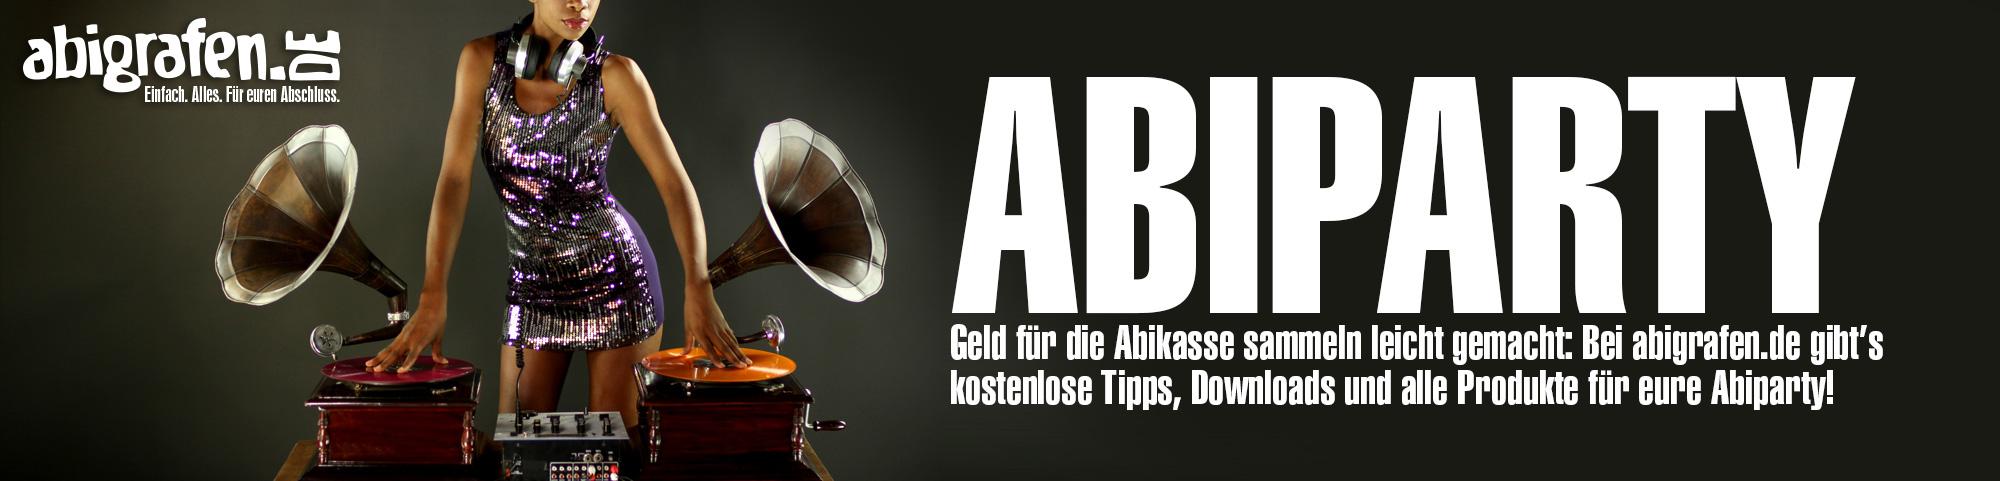 Abishop - Projekt Abiparty - abigrafen.de